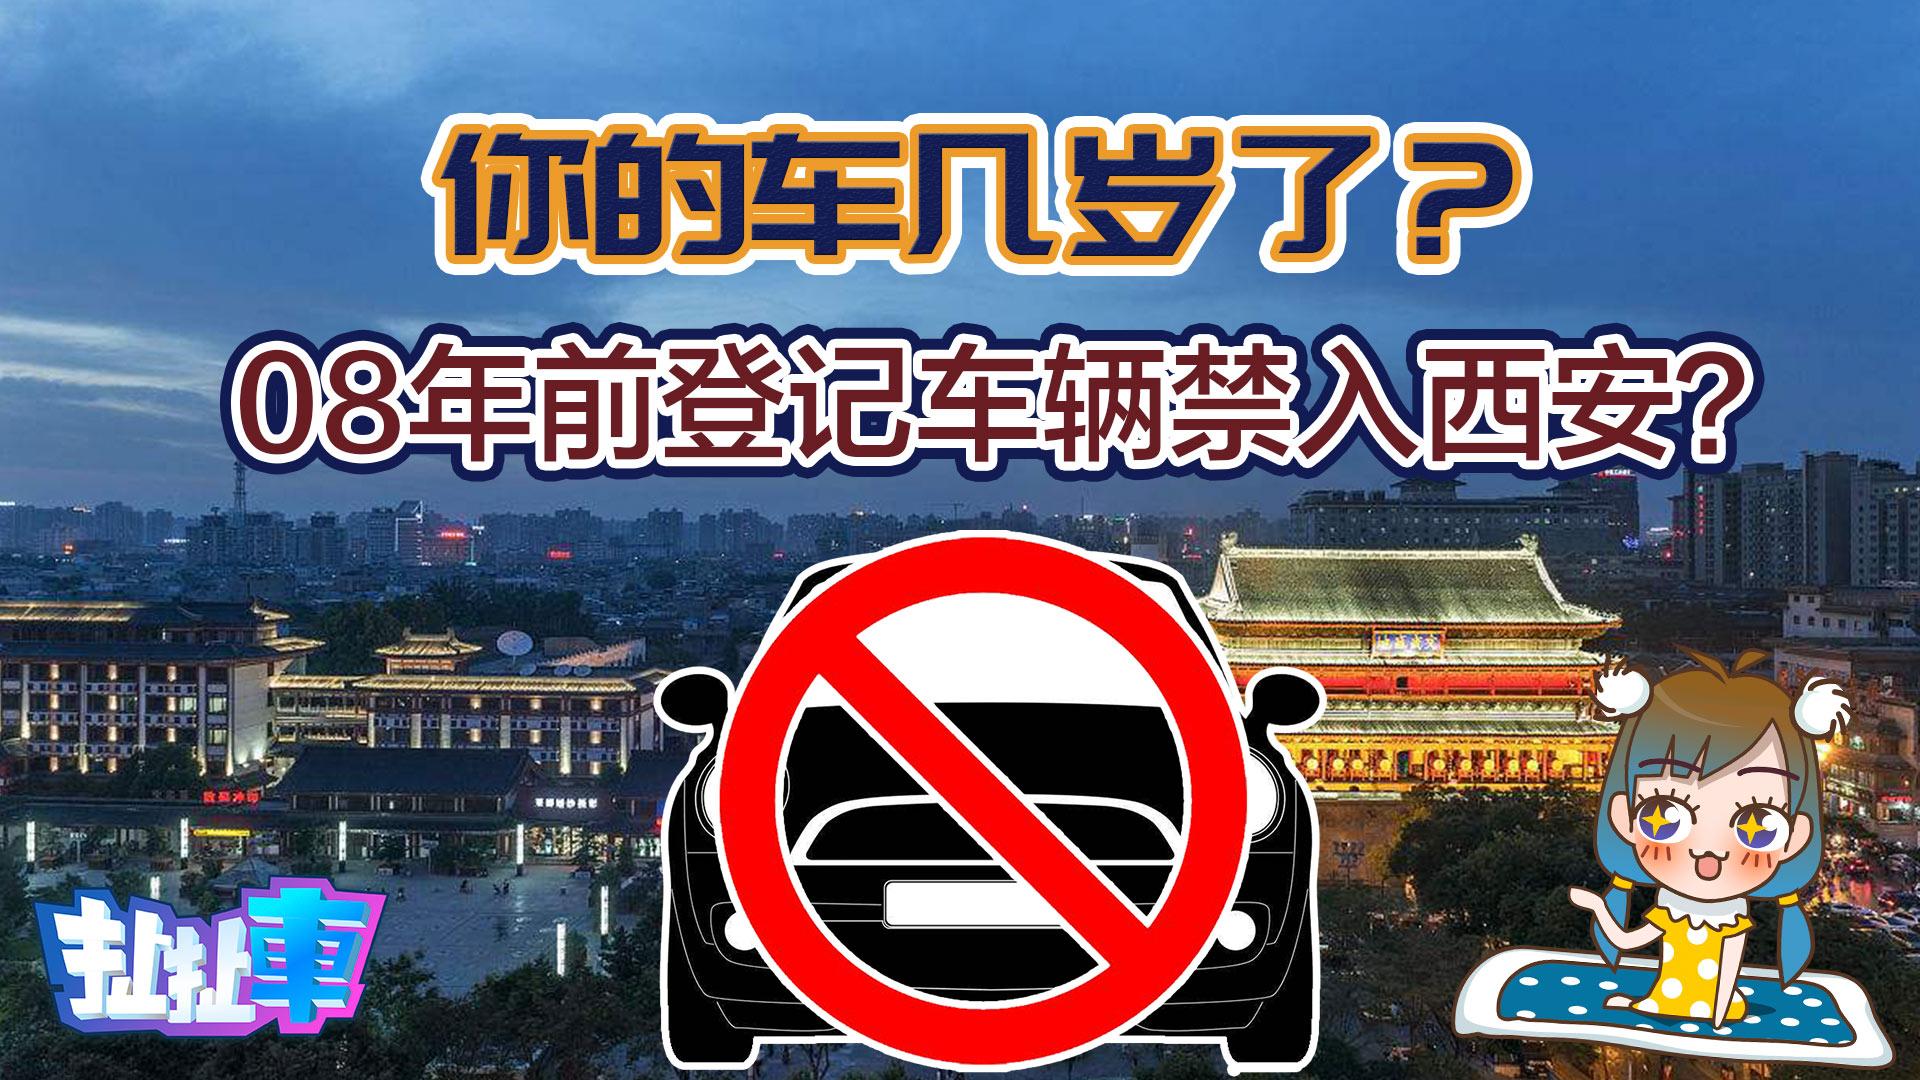 【扯扯车】你的车能开几年?西安市拟禁止08年之前登记车型上路